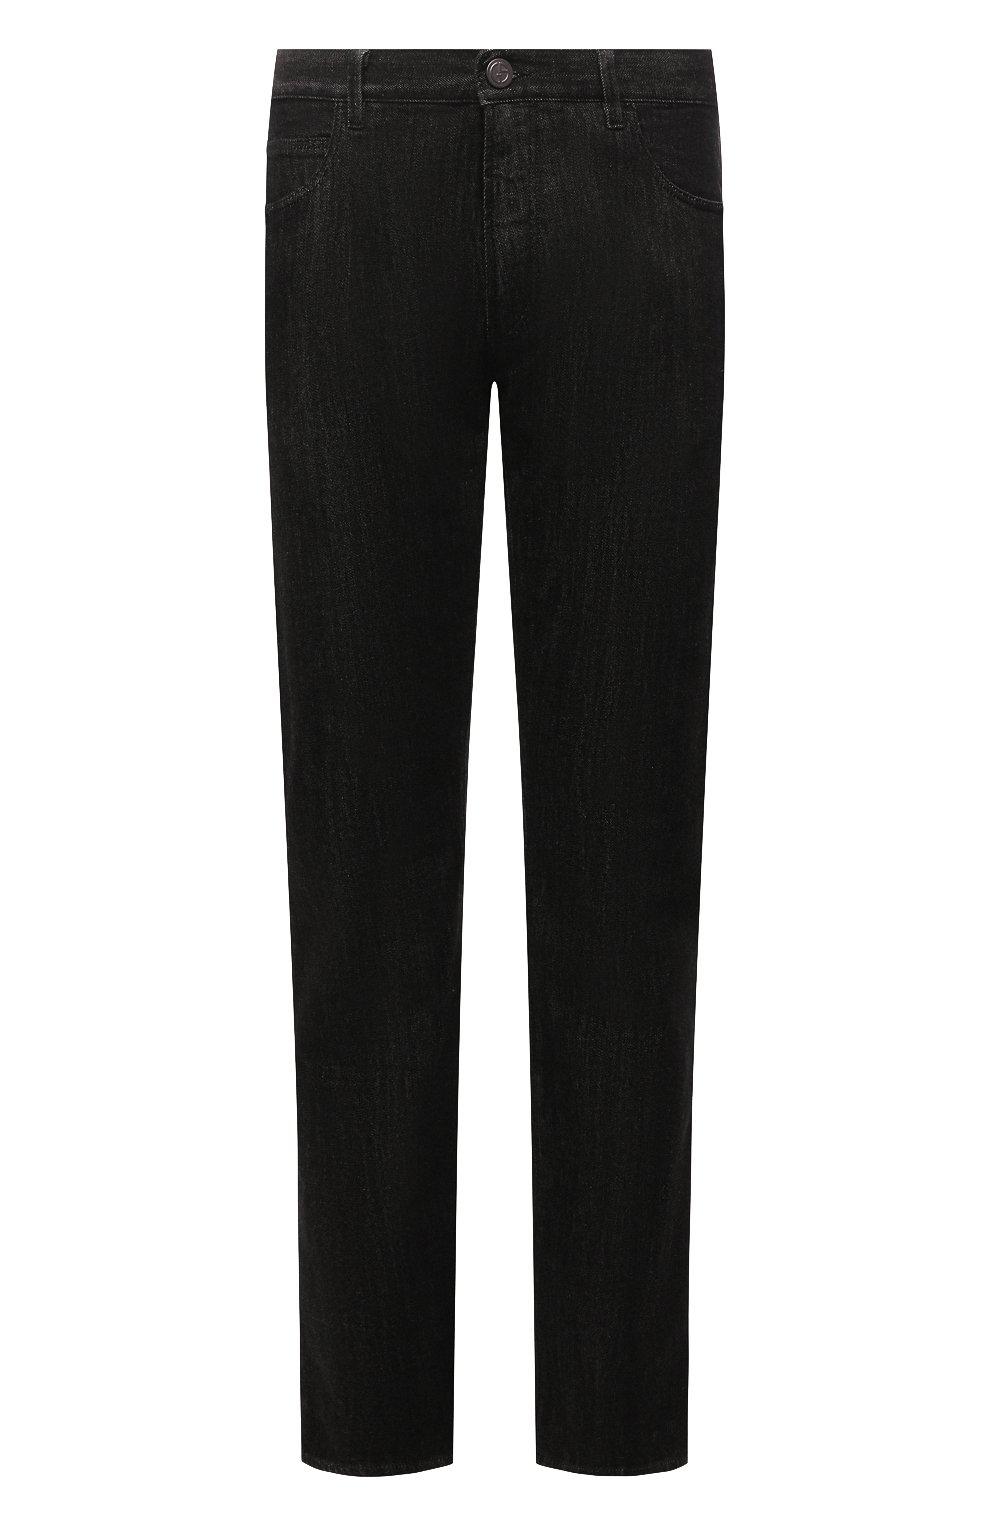 Мужские джинсы GIORGIO ARMANI черного цвета, арт. 6KSJ15/SD1AZ | Фото 1 (Силуэт М (брюки): Прямые; Кросс-КТ: Деним; Длина (брюки, джинсы): Стандартные; Материал внешний: Хлопок; Стили: Кэжуэл)